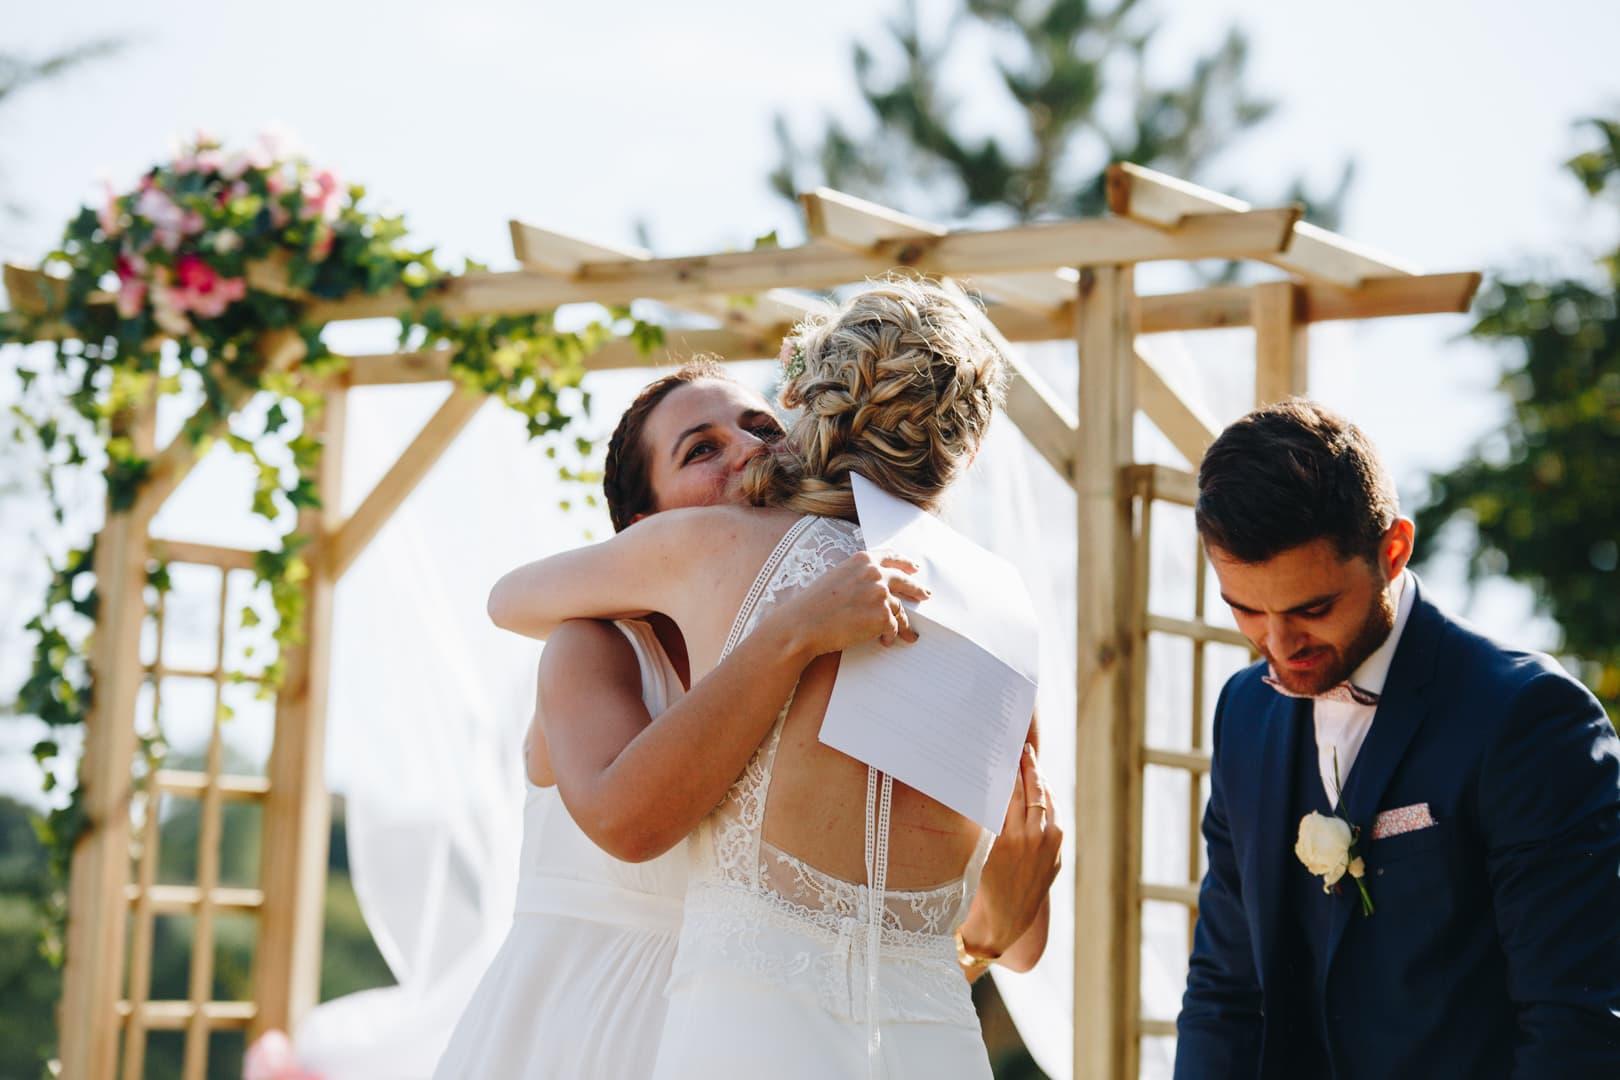 audelemaitre-photographe-mariage-lyon19